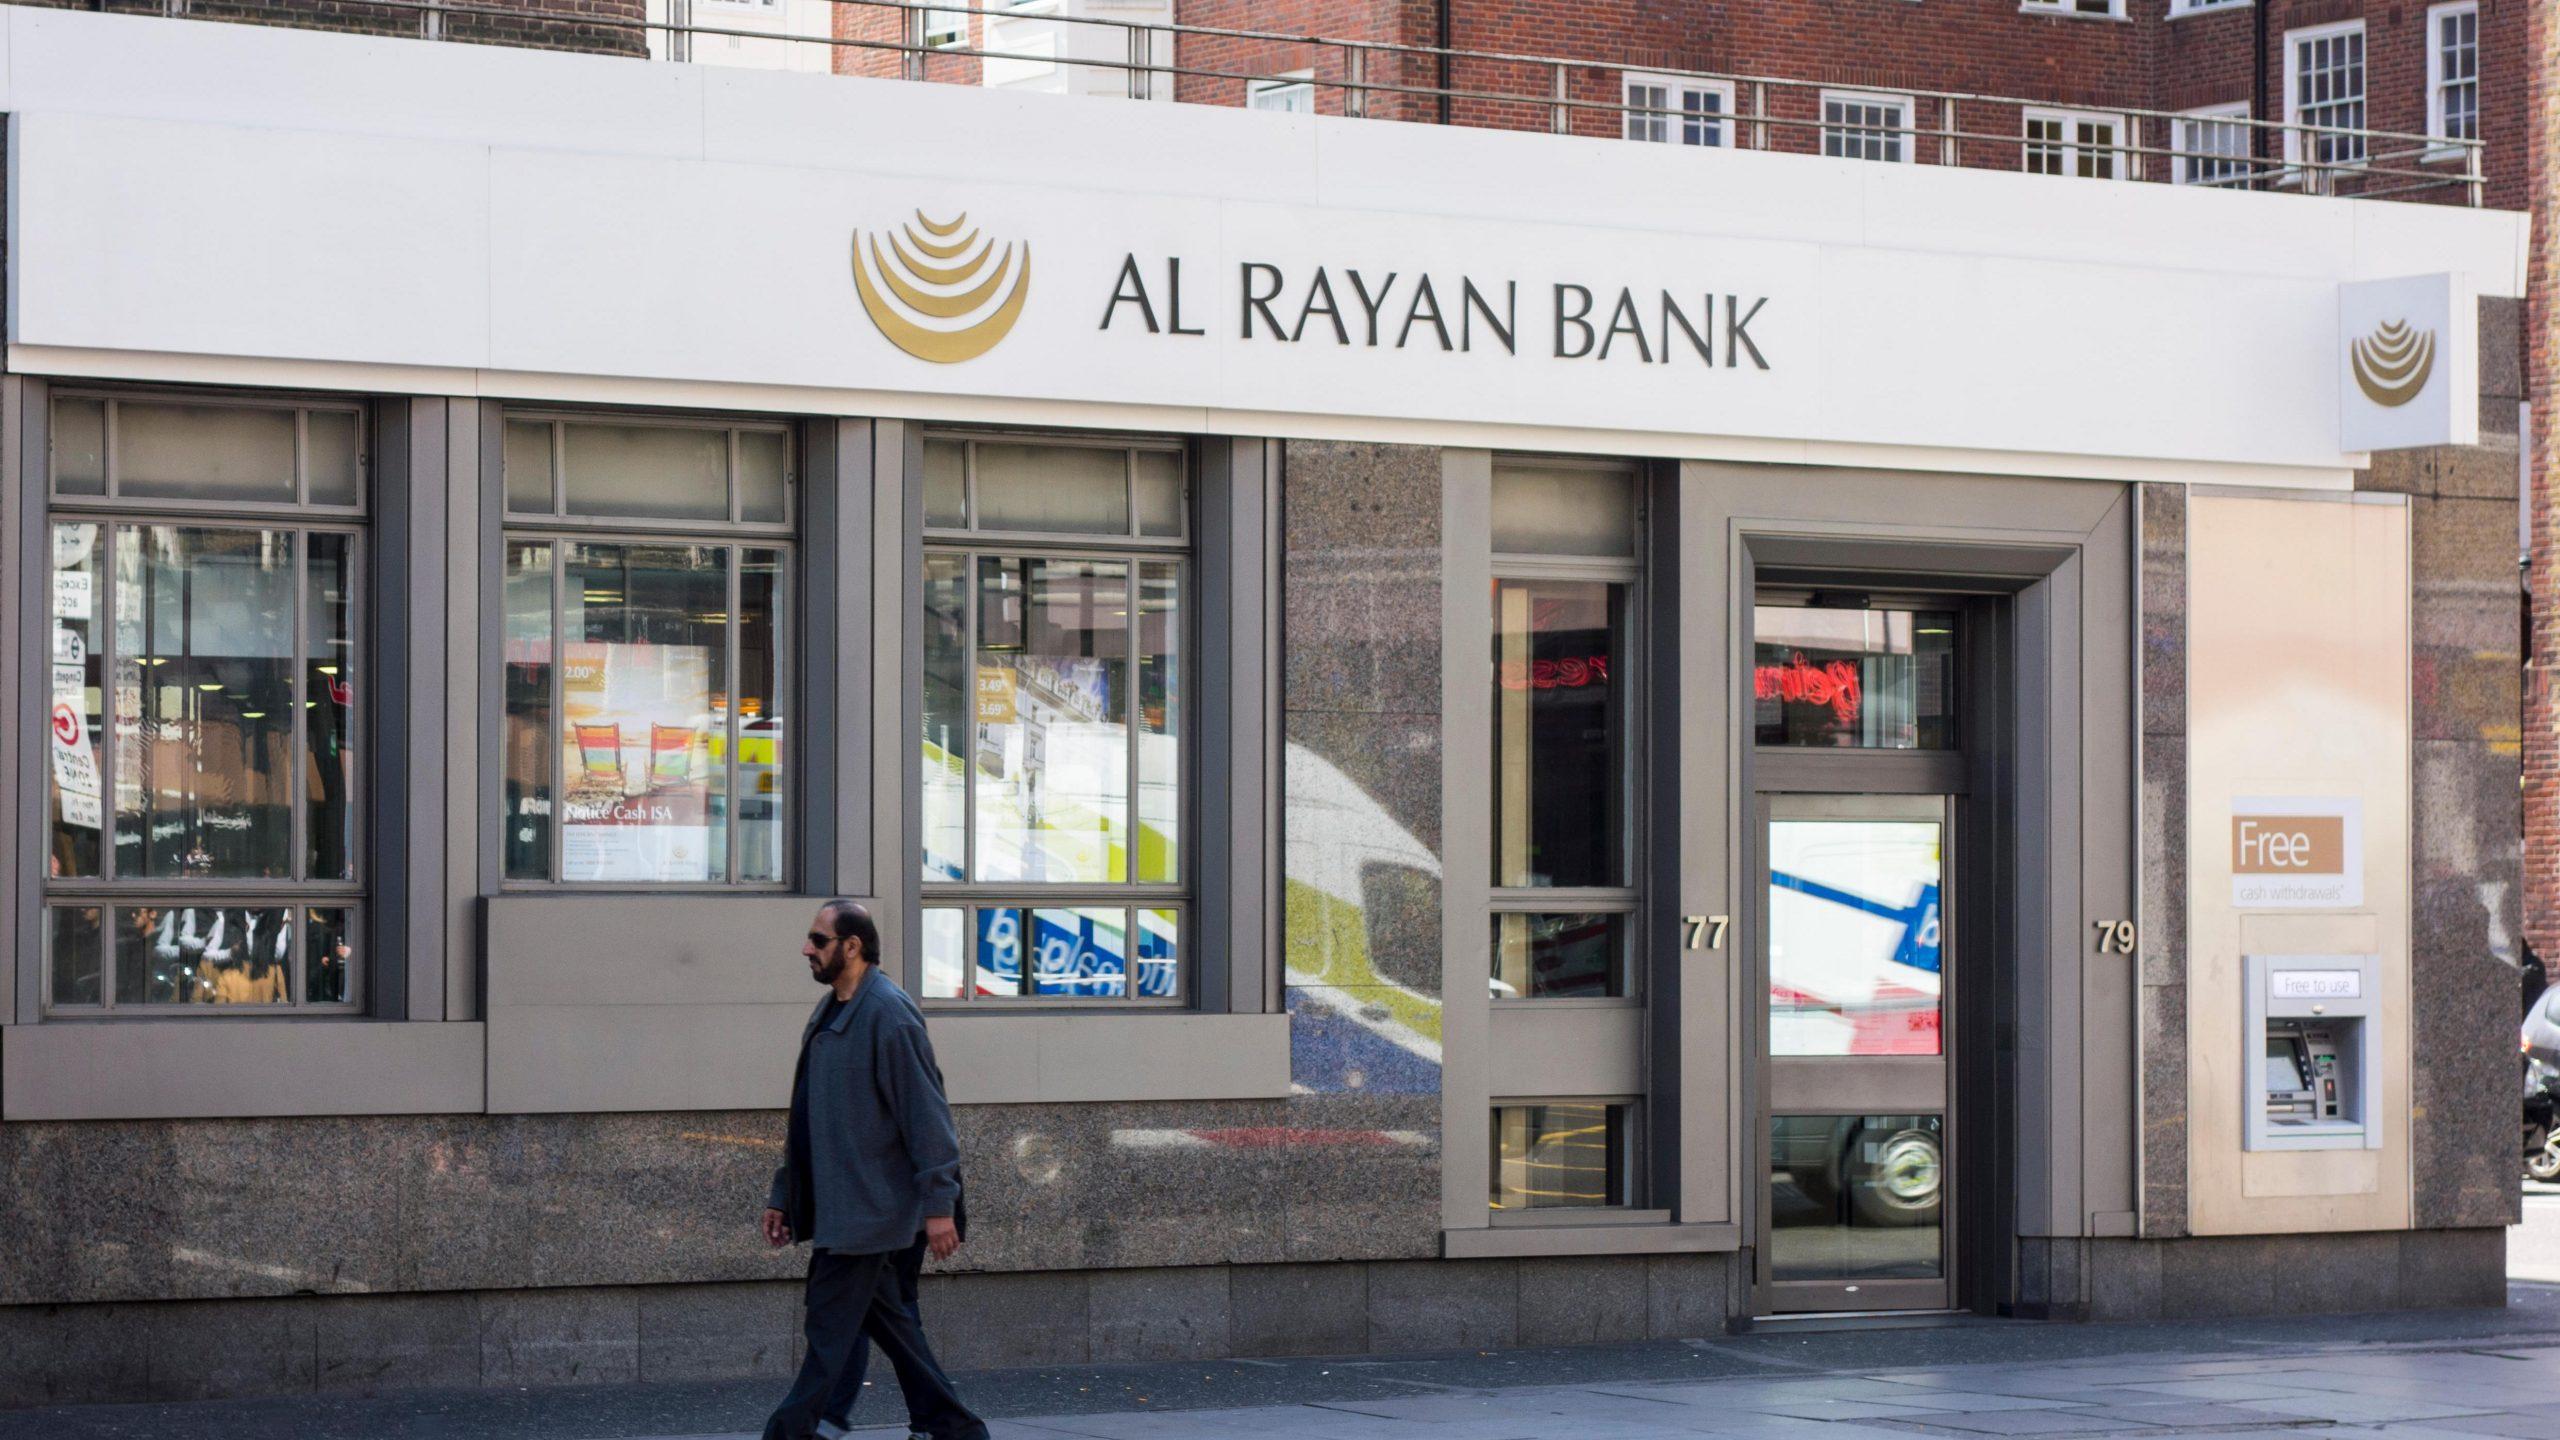 Masraf Al Rayan records a net profit of QR1.08bn